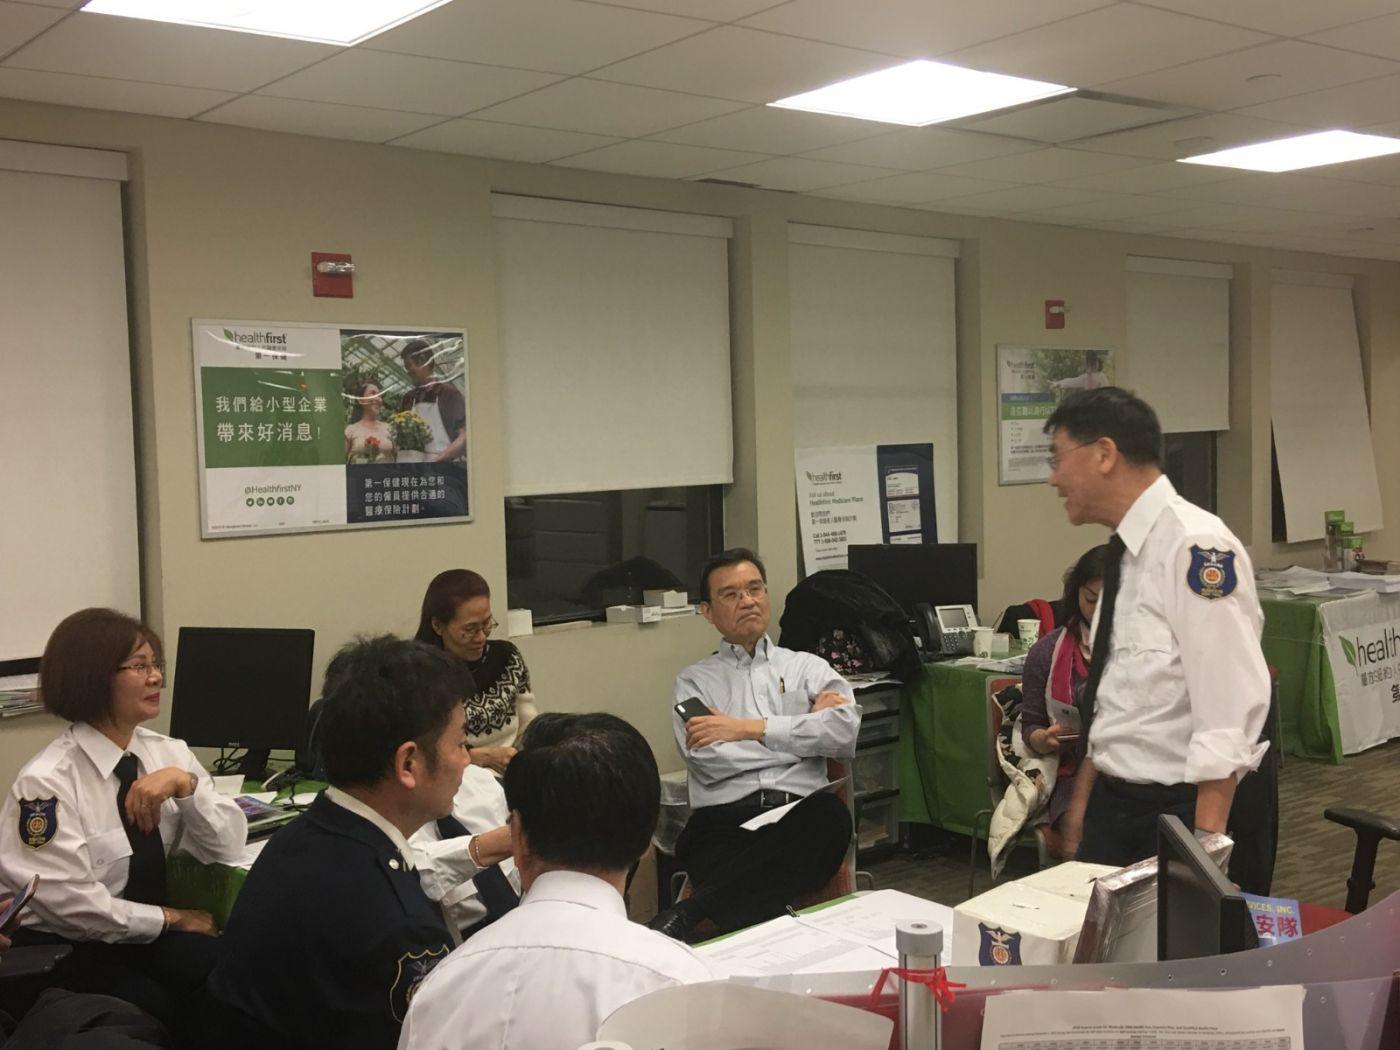 美國民安隊董事年會在紐約舉行_图1-6